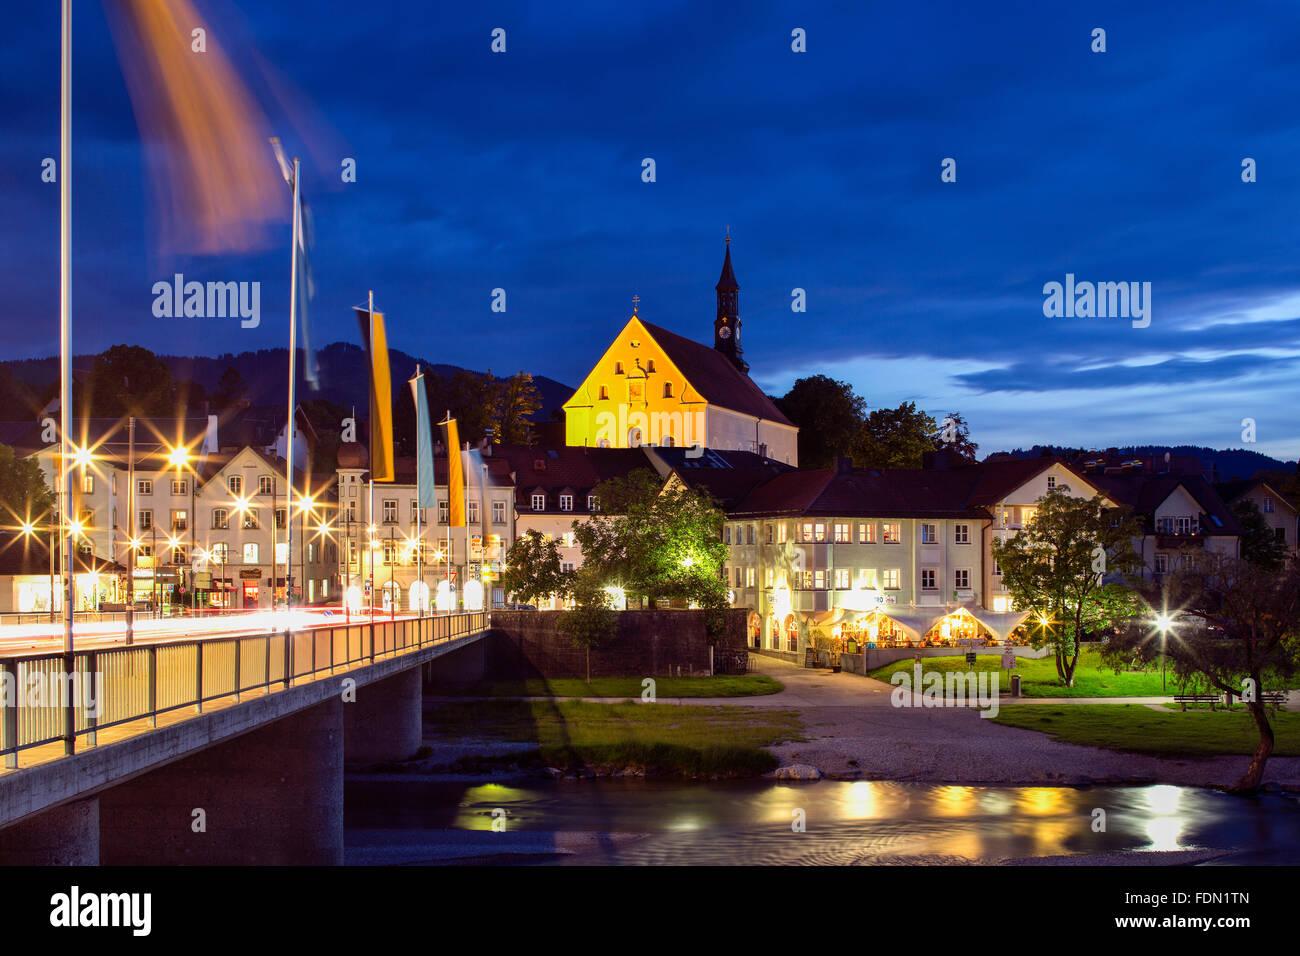 L'église Holy Trinity, crépuscule, Bad Tölz, Upper Bavaria, Bavaria, Germany Photo Stock